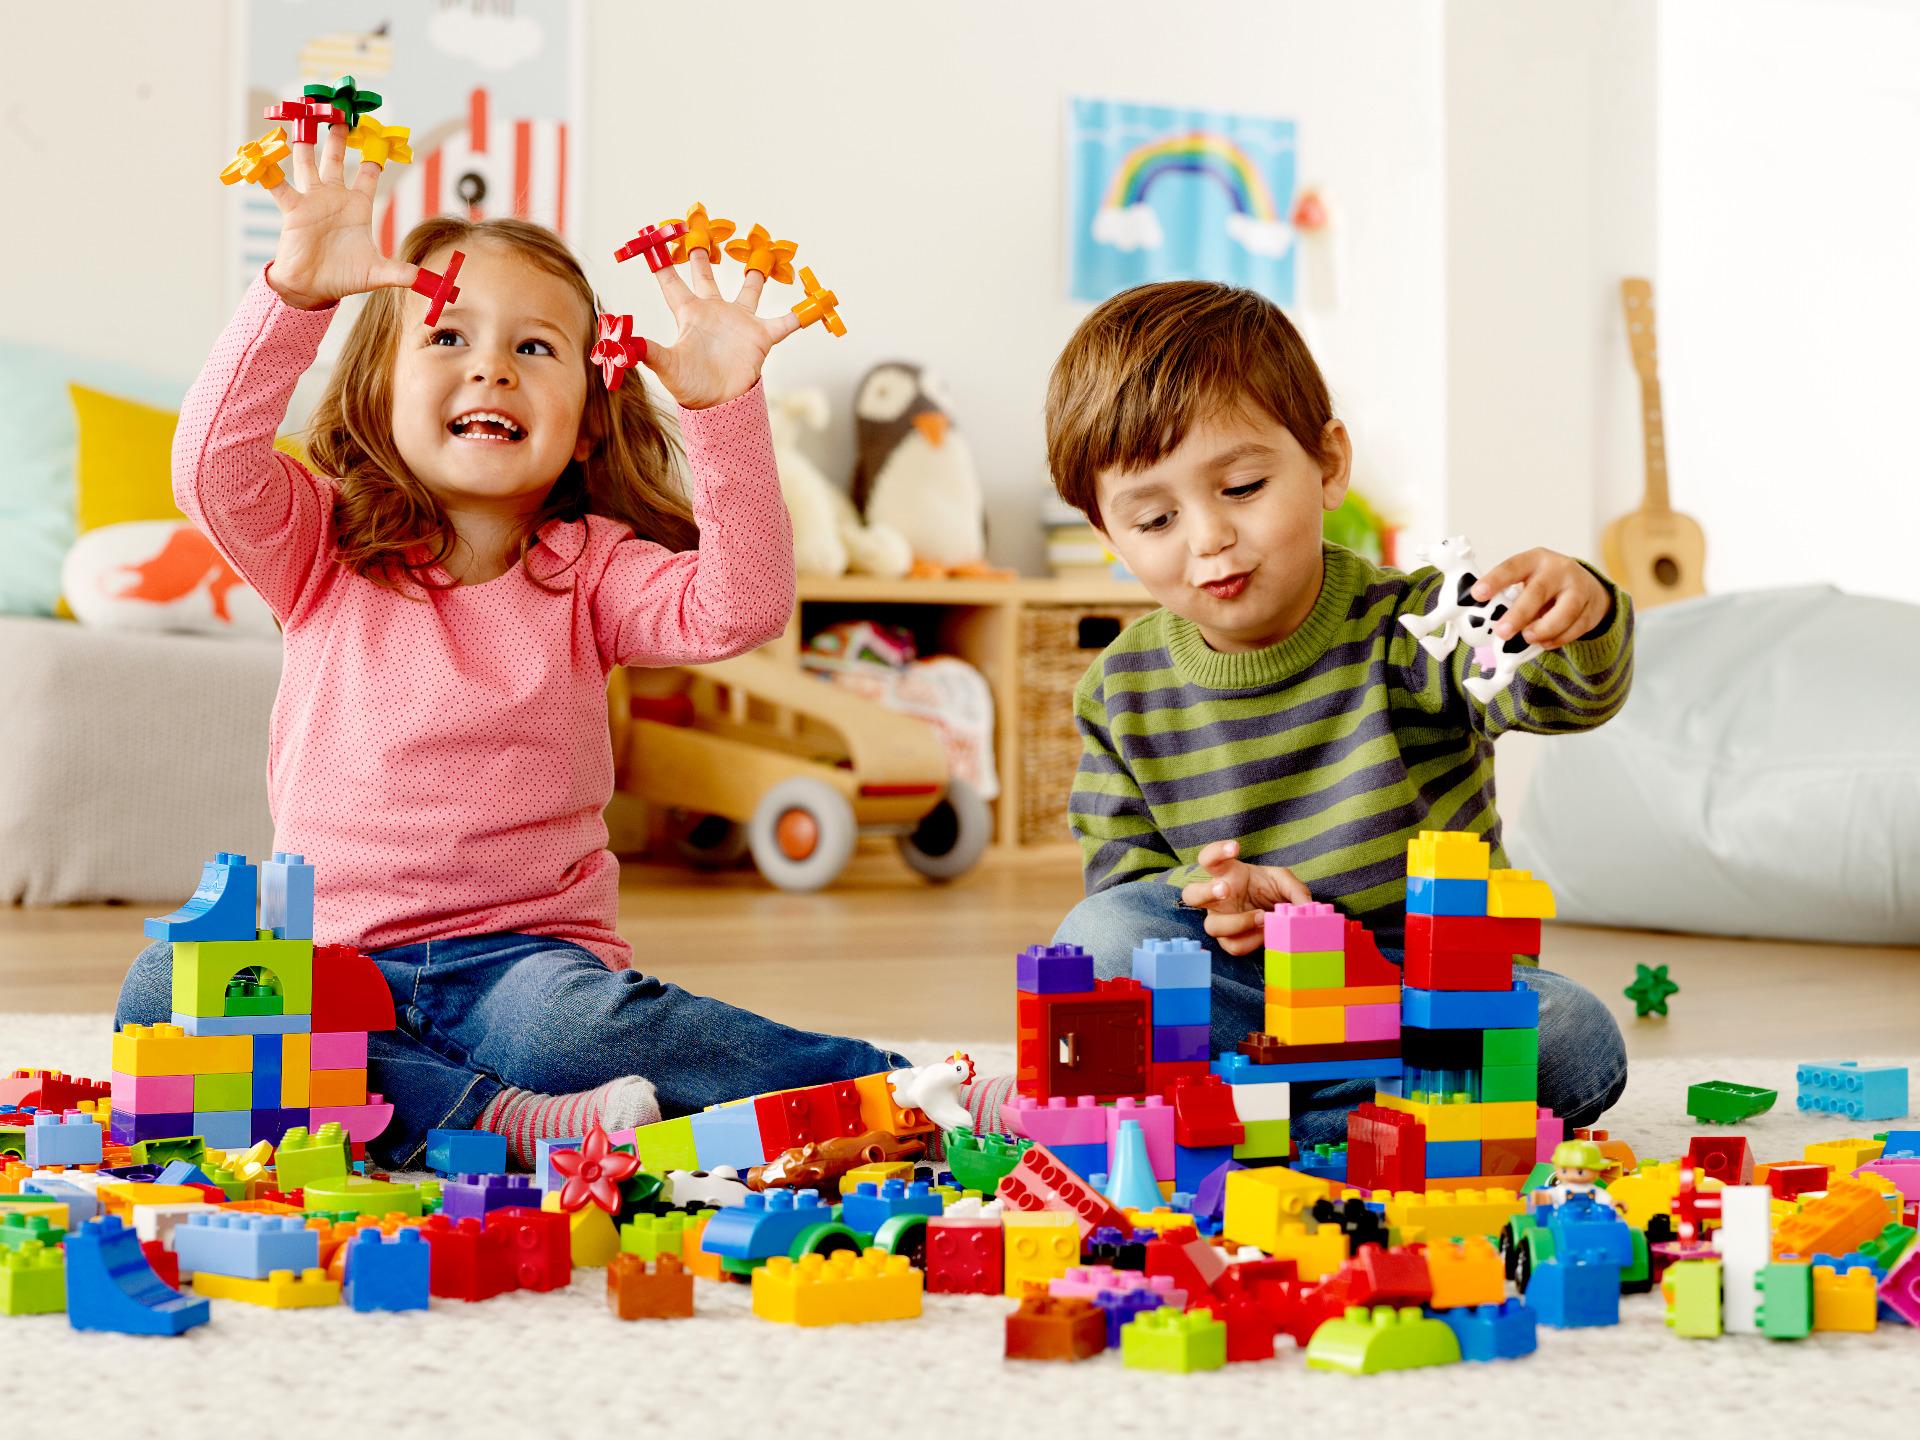 Для детей разных возрастов: 8 игрушек, которые увлекут любого ребенка